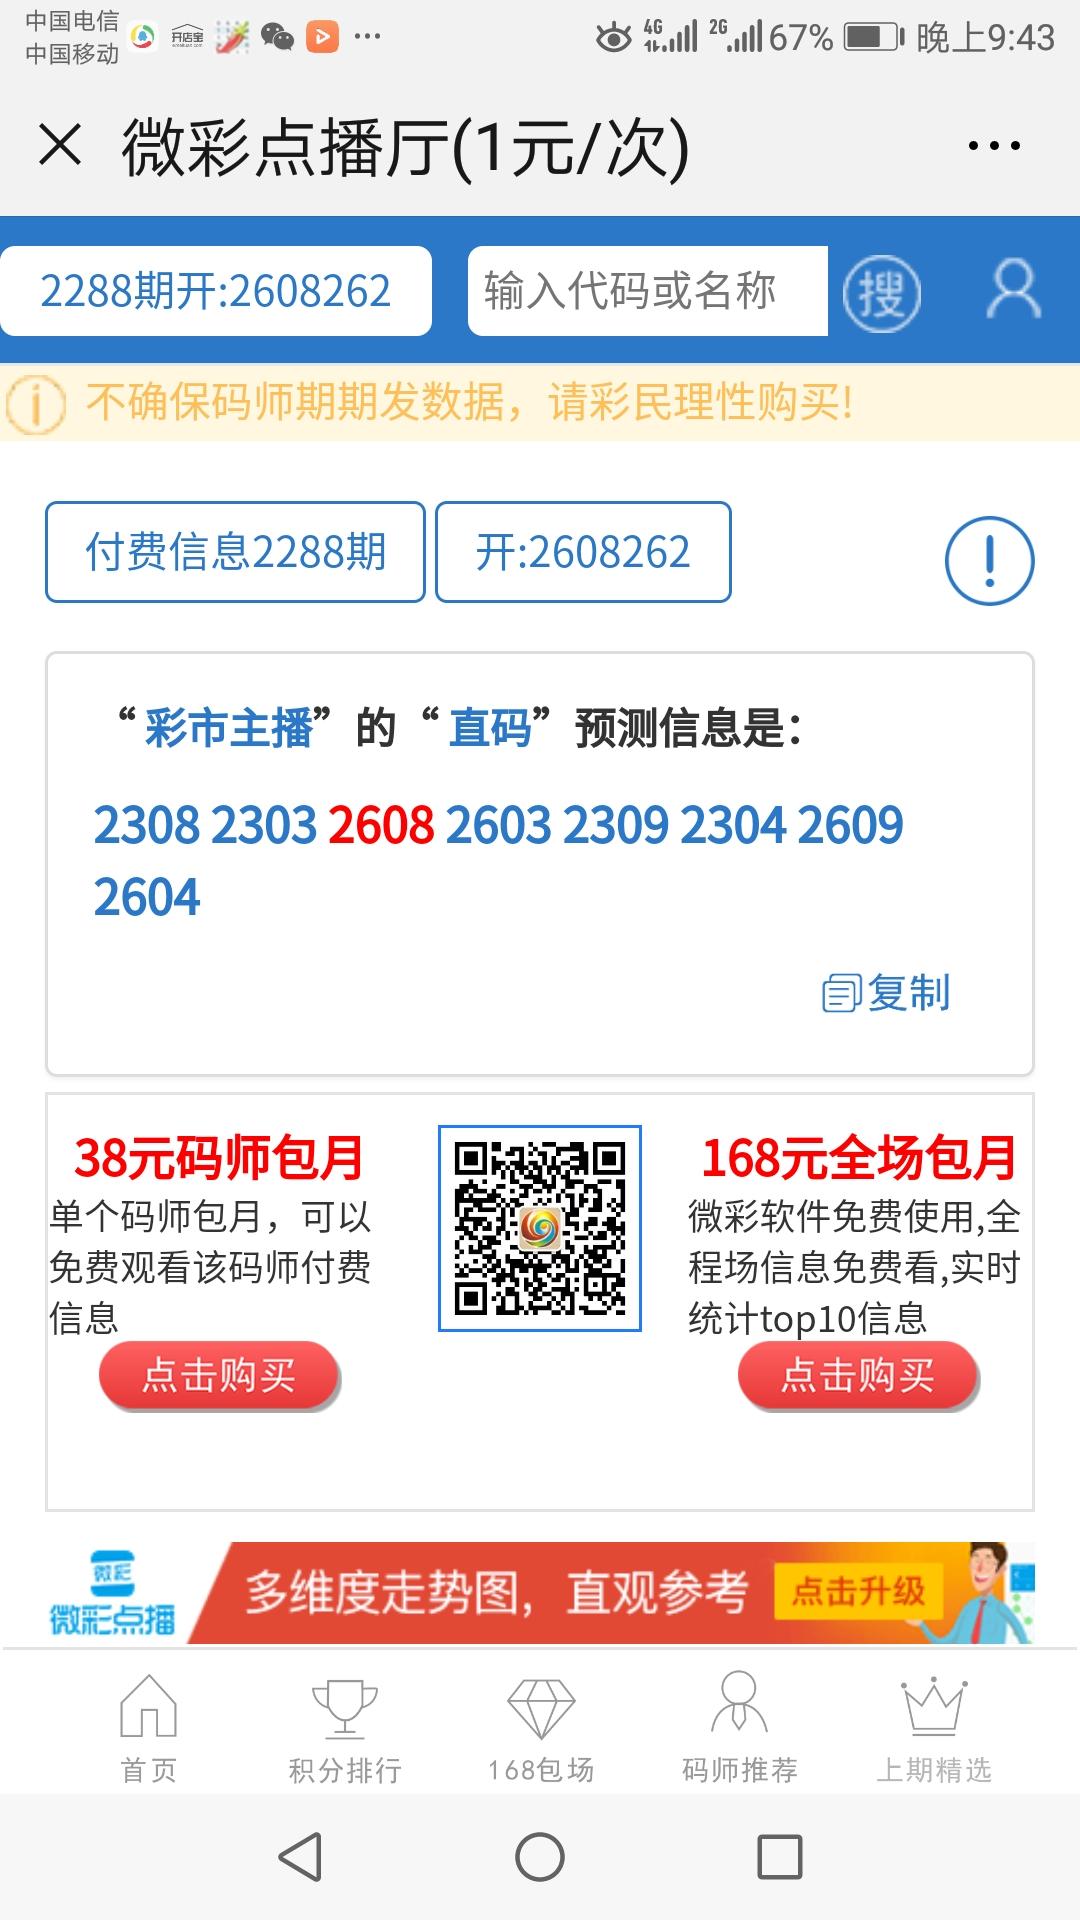 Screenshot_20190414-214324.jpg